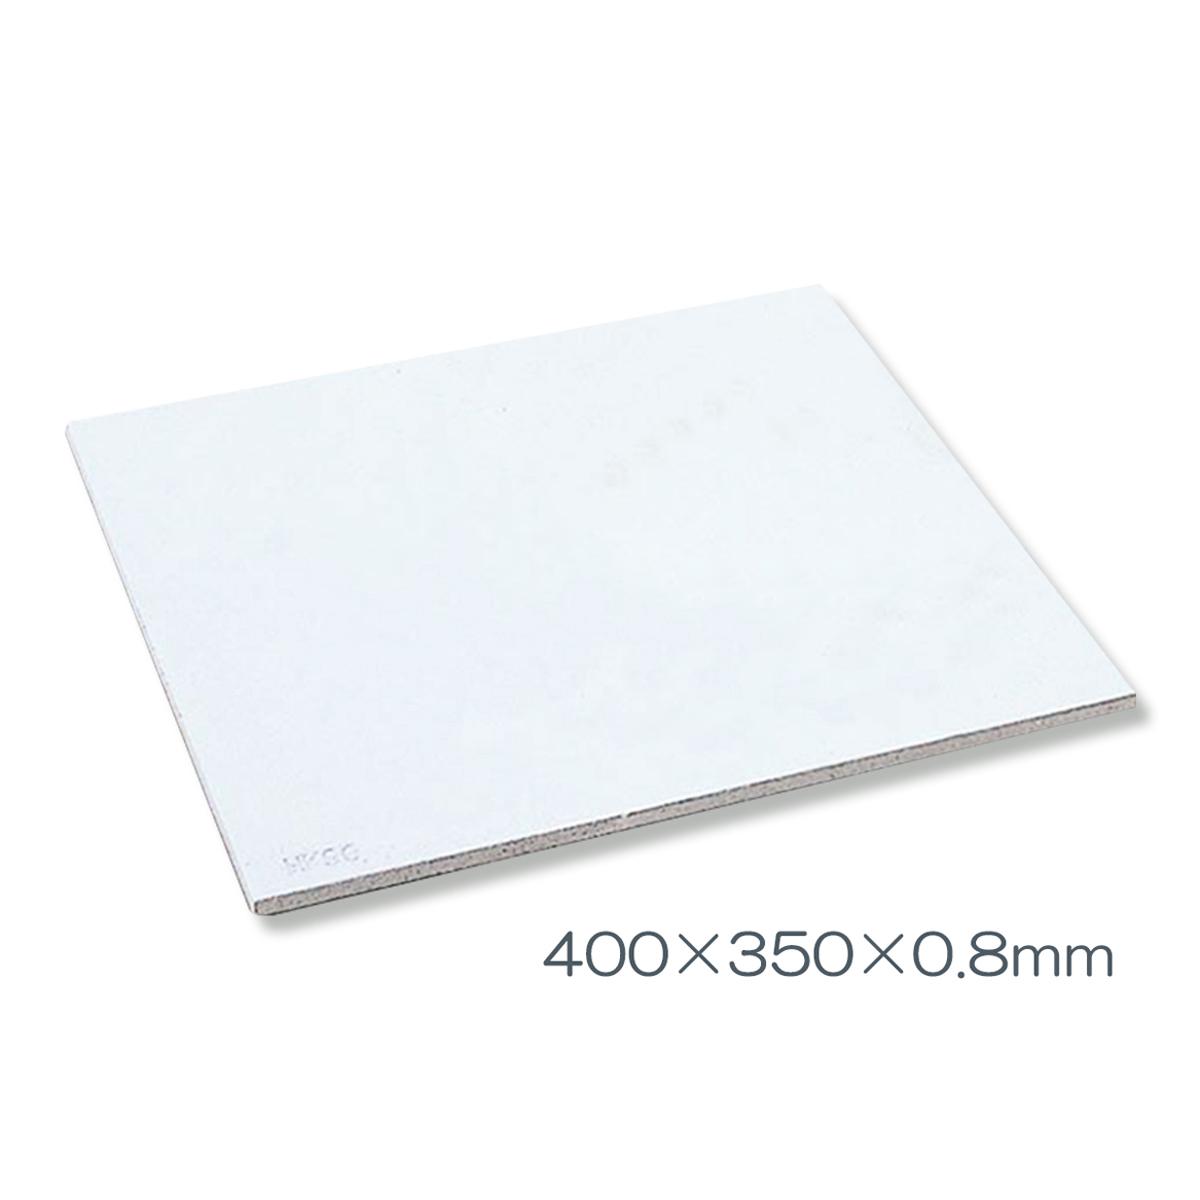 陶芸窯用具 棚板 カーボランダム 角型 400x350mm 【 陶芸 陶芸窯 棚板 】